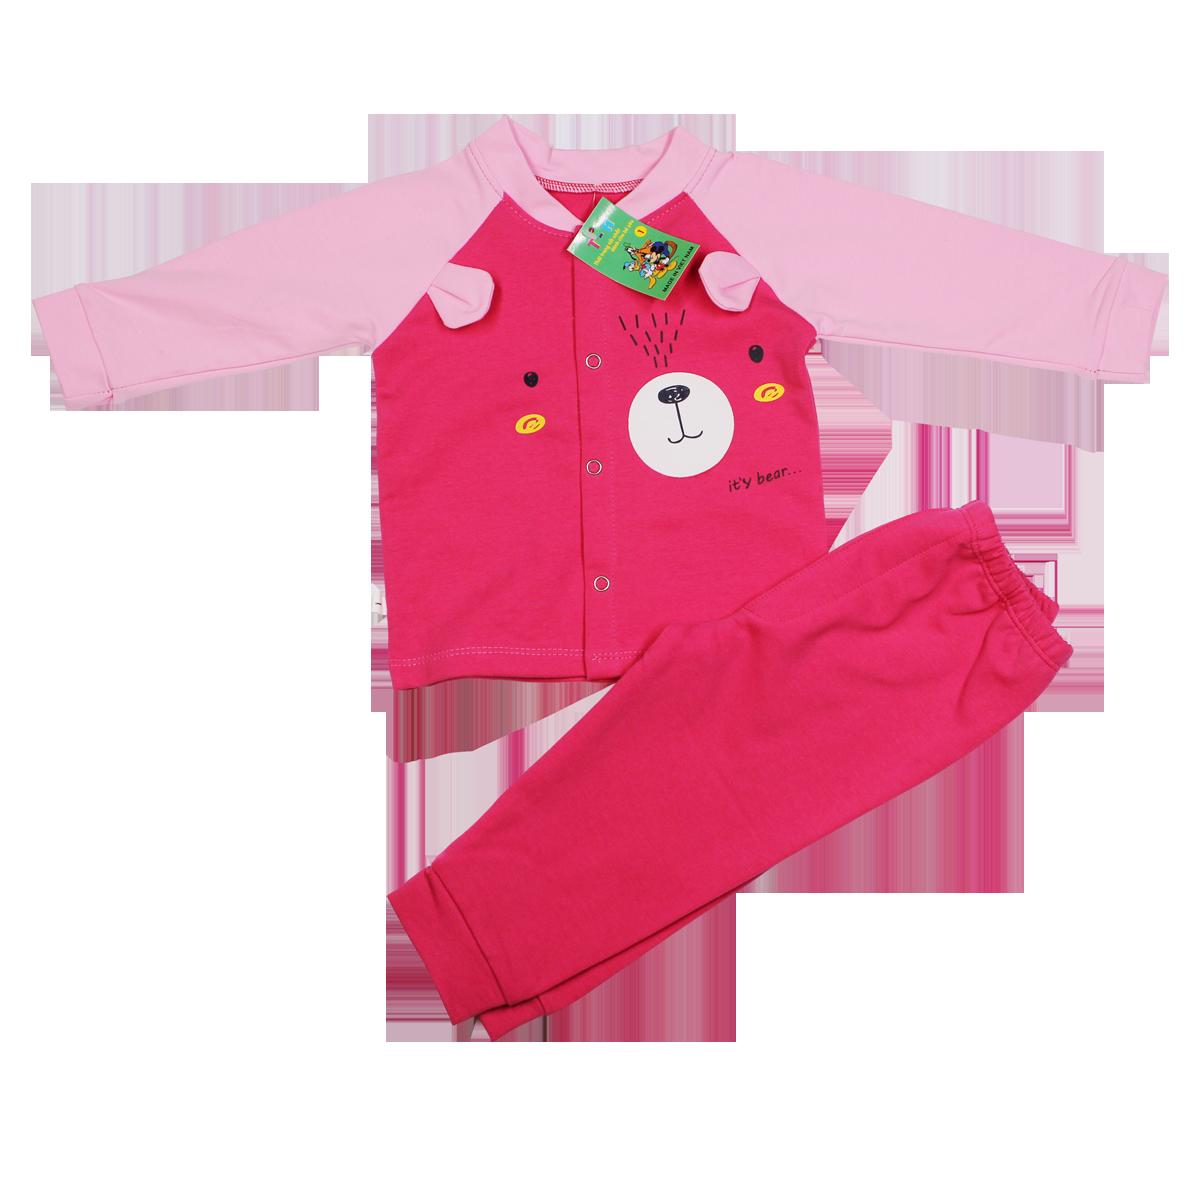 Bộ quần áo TA in hình cúc giữa (6-24M)